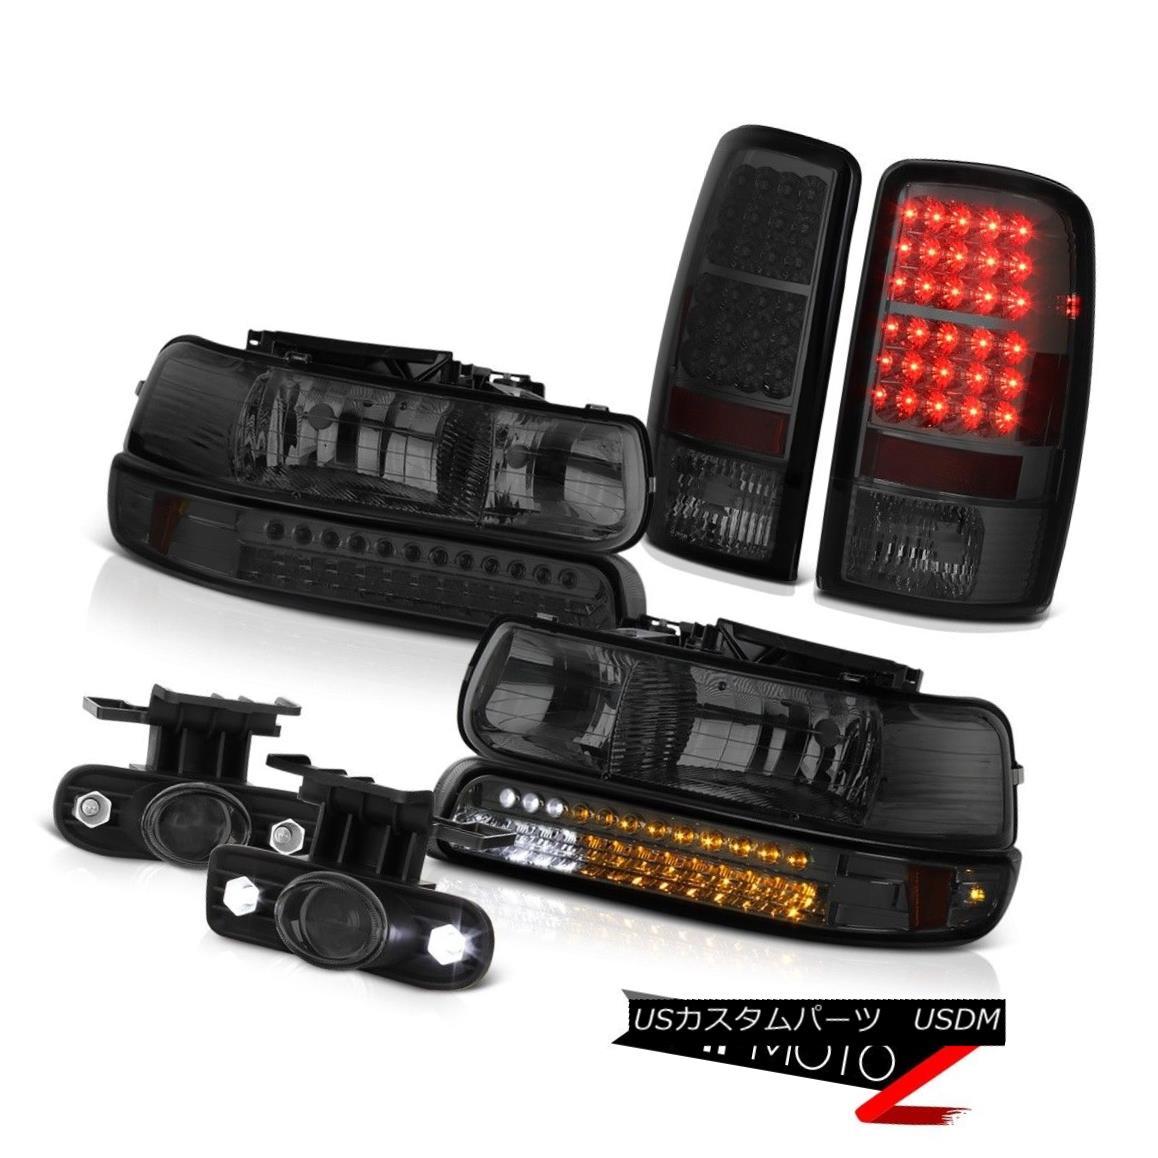 ヘッドライト 01 02 03 04 05 06 Suburban 5.7L LED Smoke Bumper+Headlamp Taillamp Projector Fog 01 02 03 04 05 06郊外5.7L LEDスモークバンパー+ヘッドラム p Taillamp Projector Fog